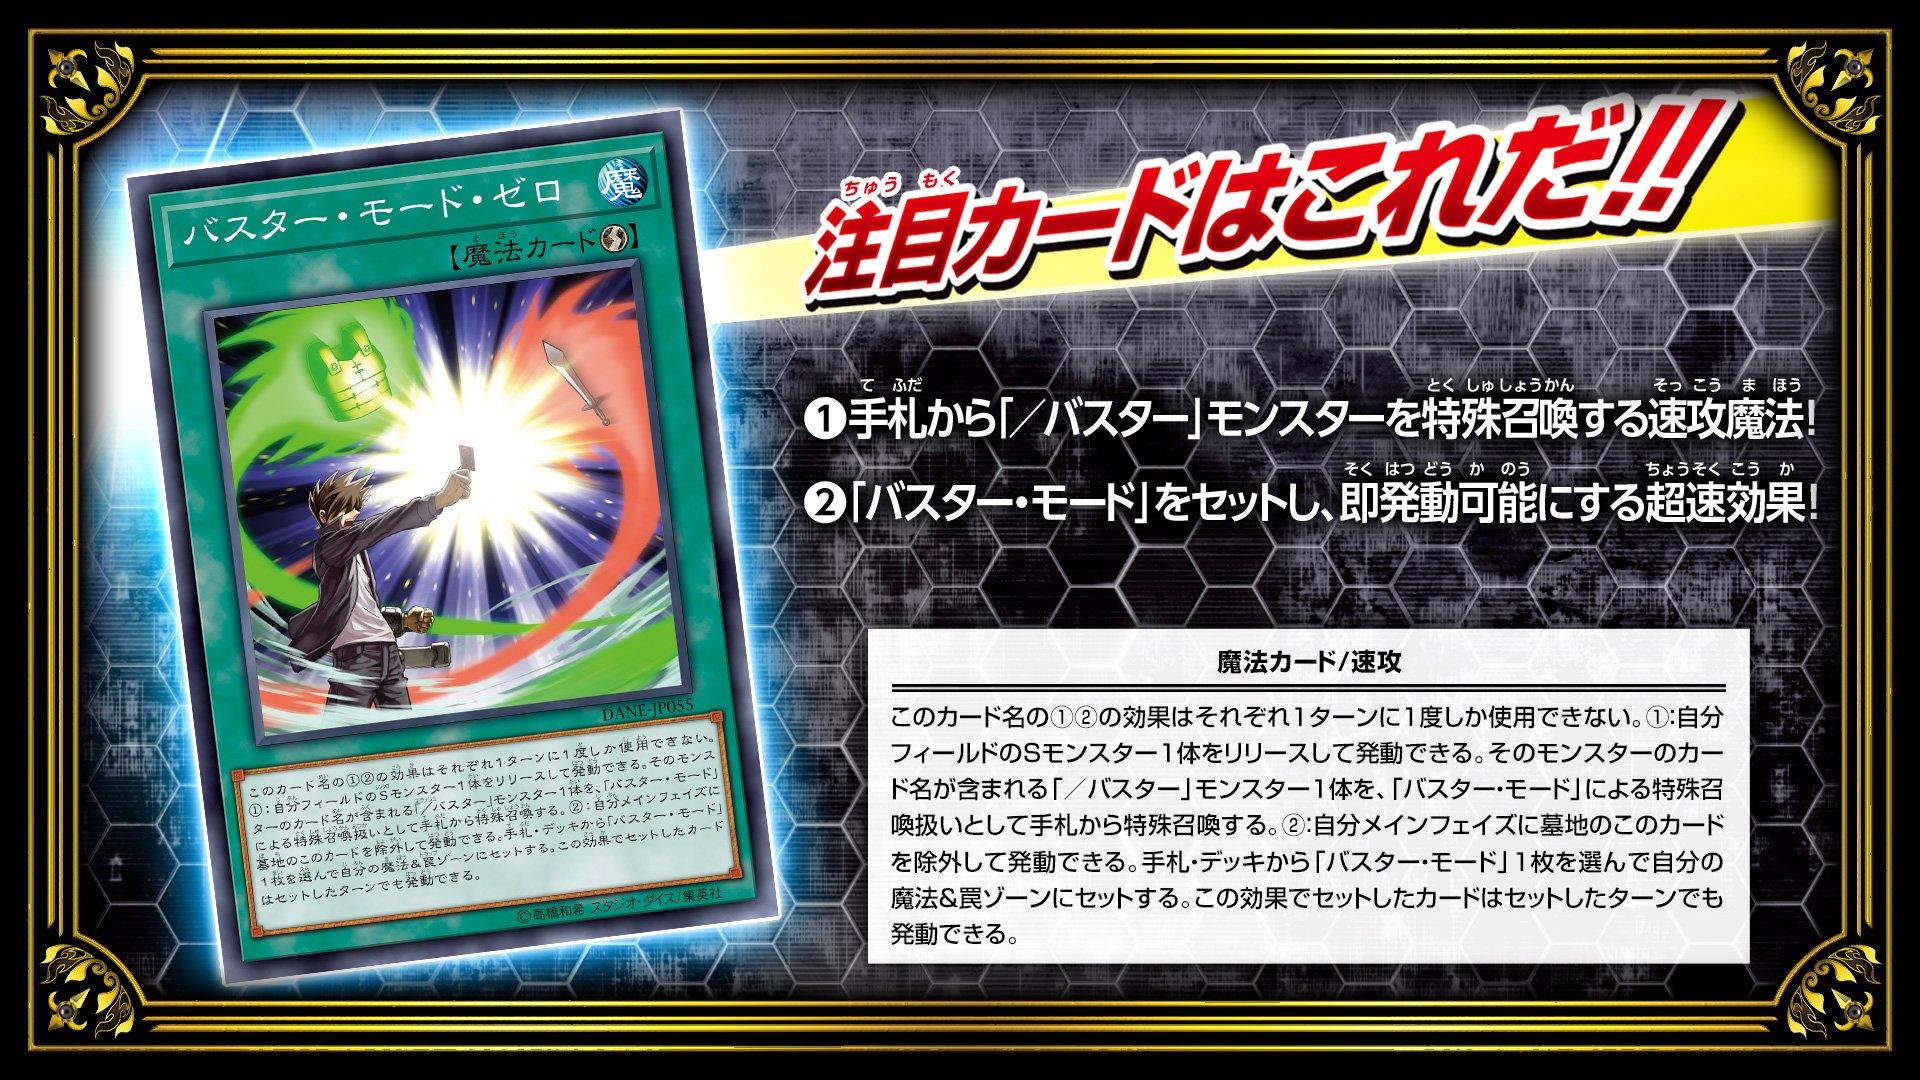 Νέες Κυκλοφορίες στο Yu-Gi-Oh! OCG - Σελίδα 37 Du5-U31UUAAI7Zj-1